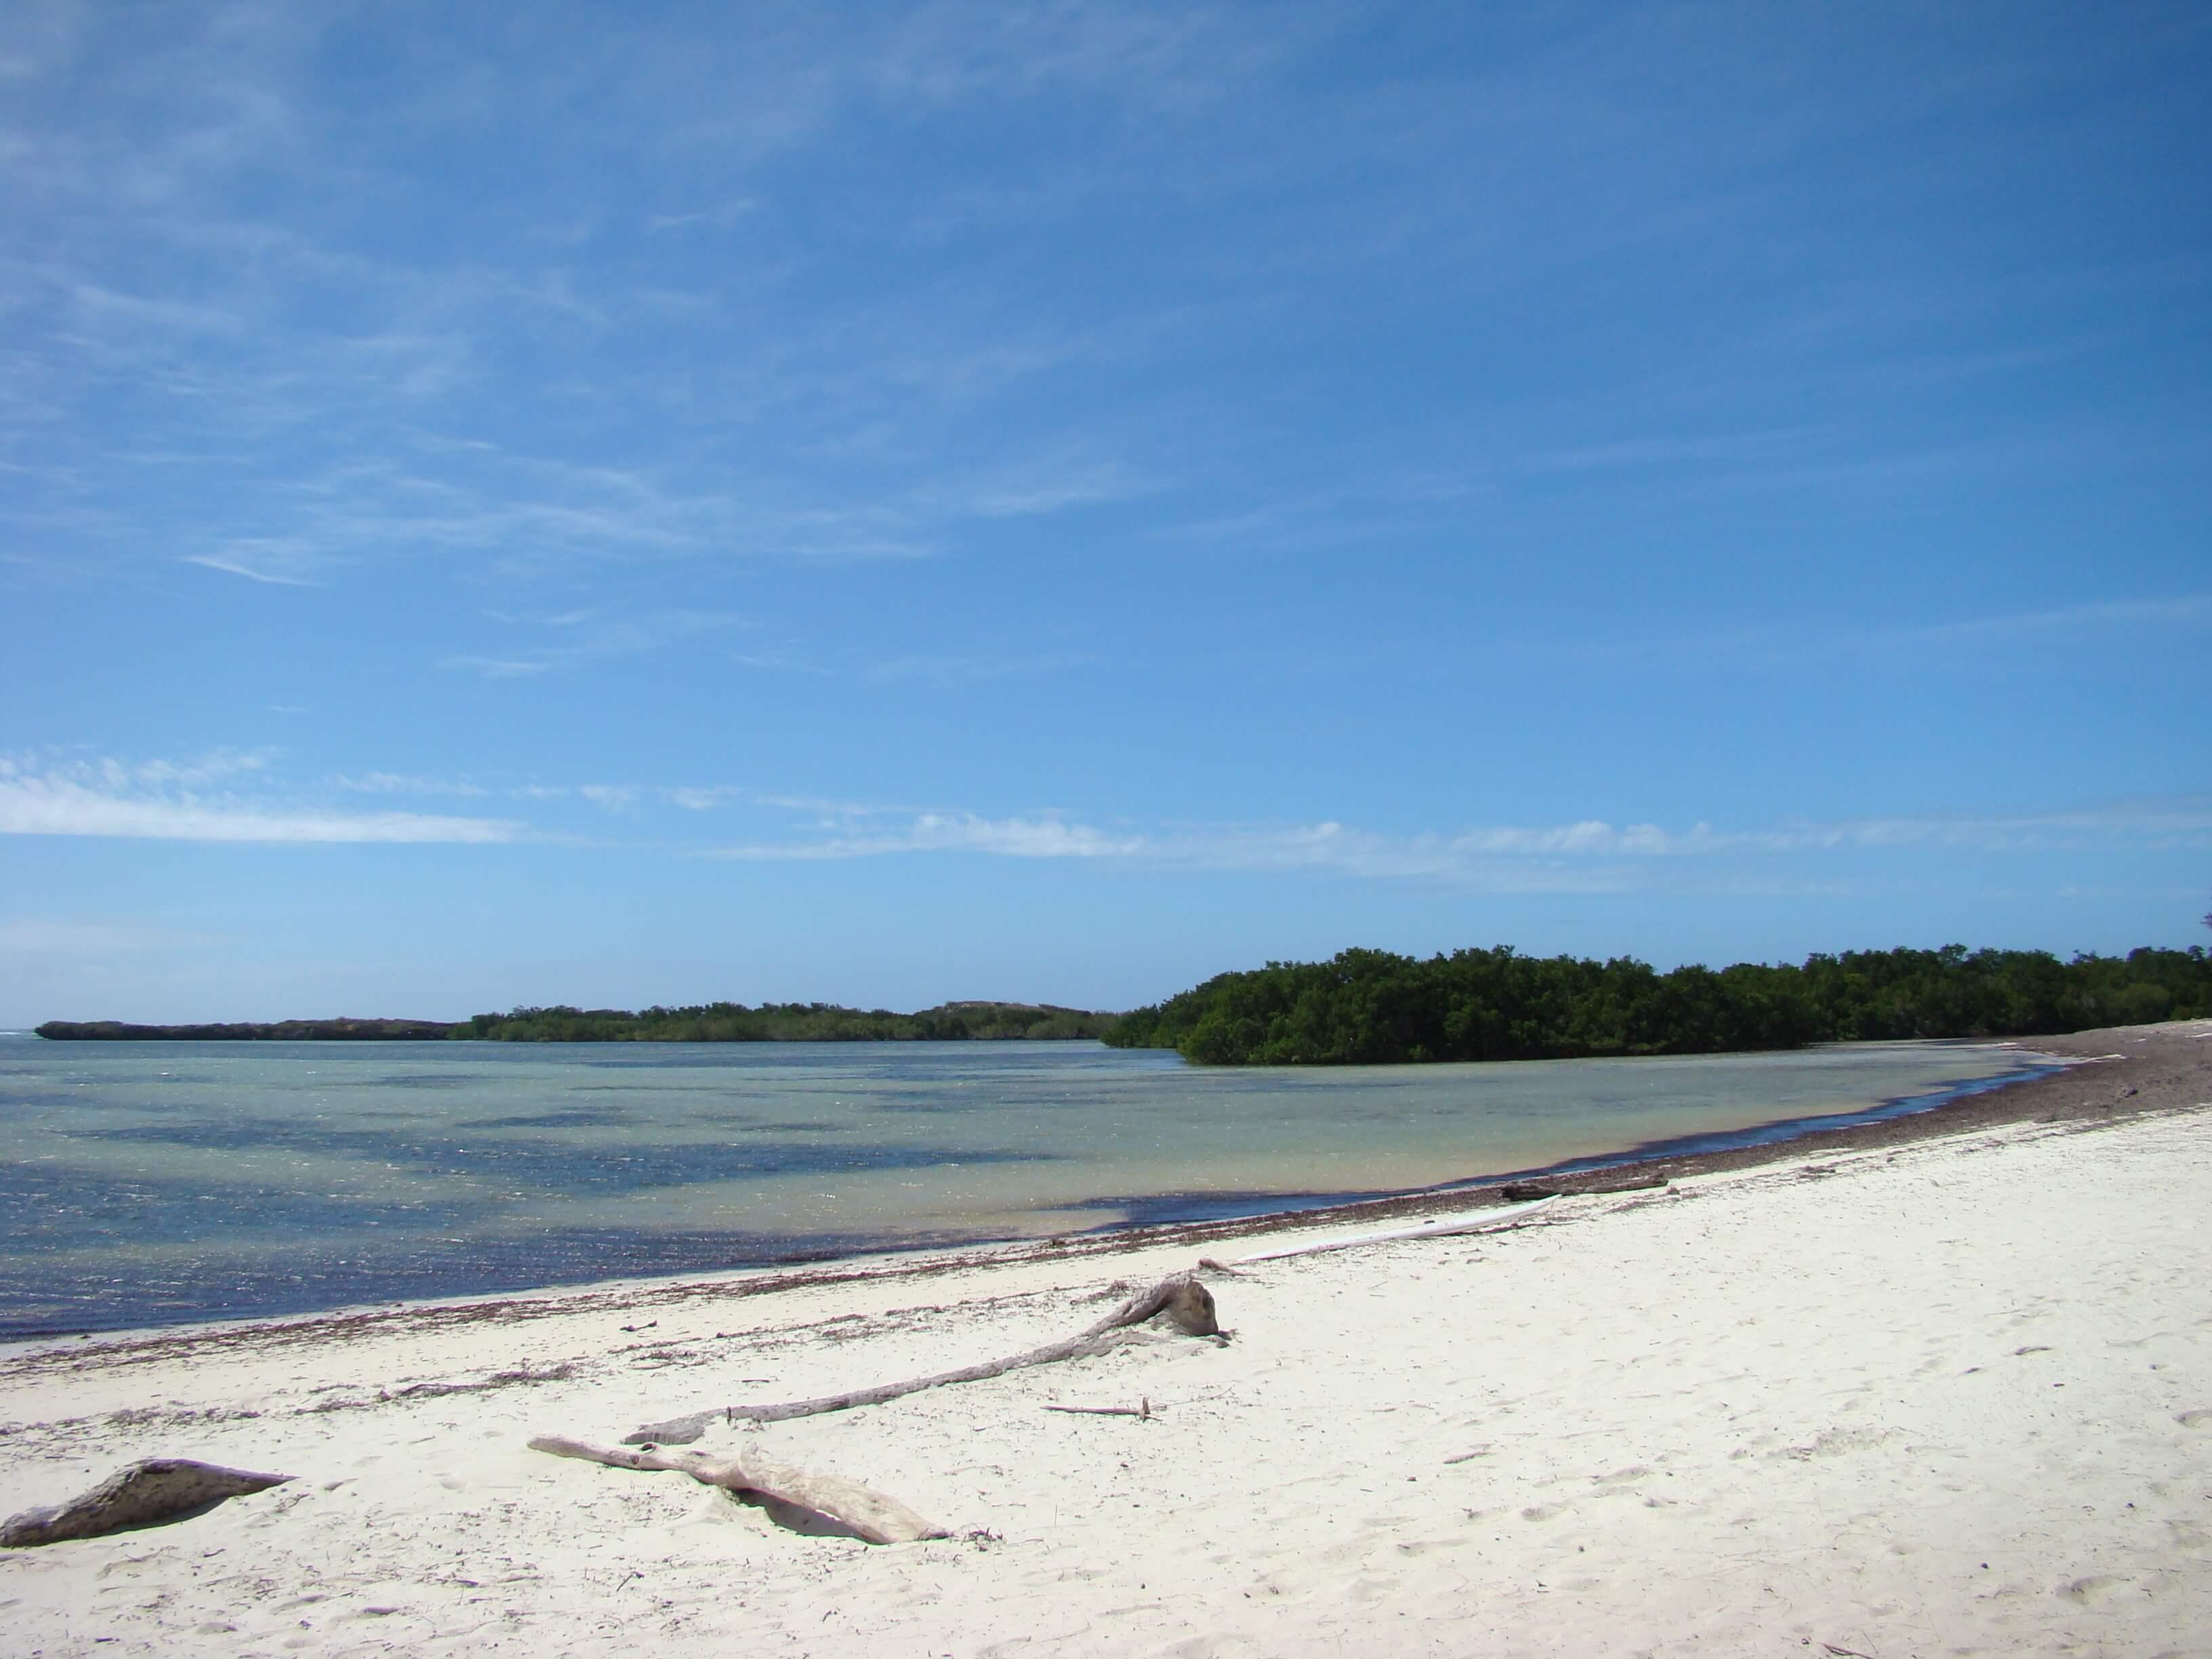 Les belles plages de sable fin, désertes de surcroît, font partie des attraits touristiques de Madagascar.